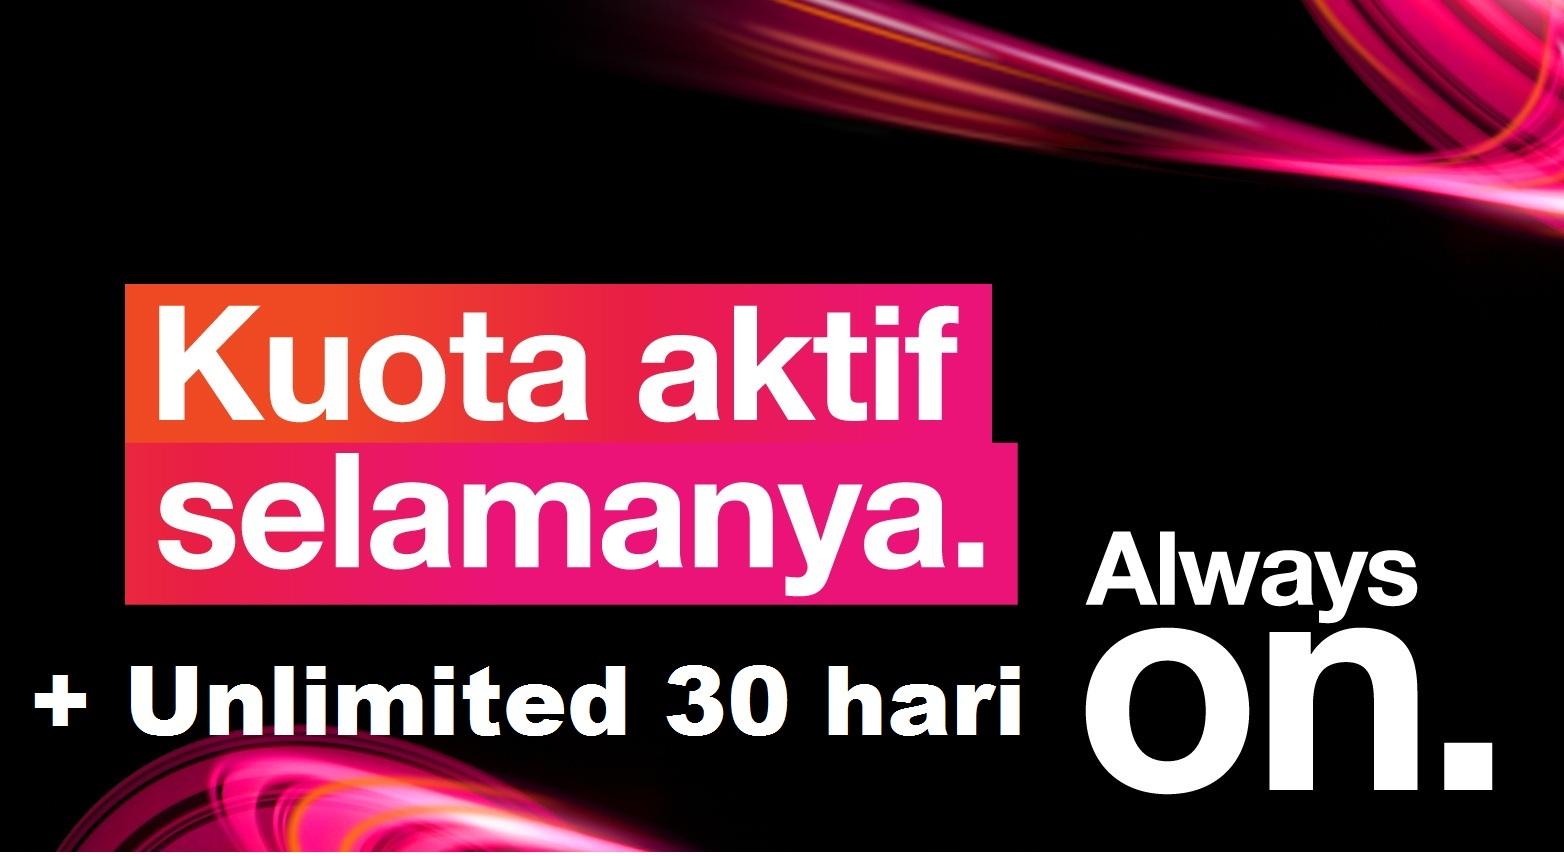 Unlimited AON 3 Tri